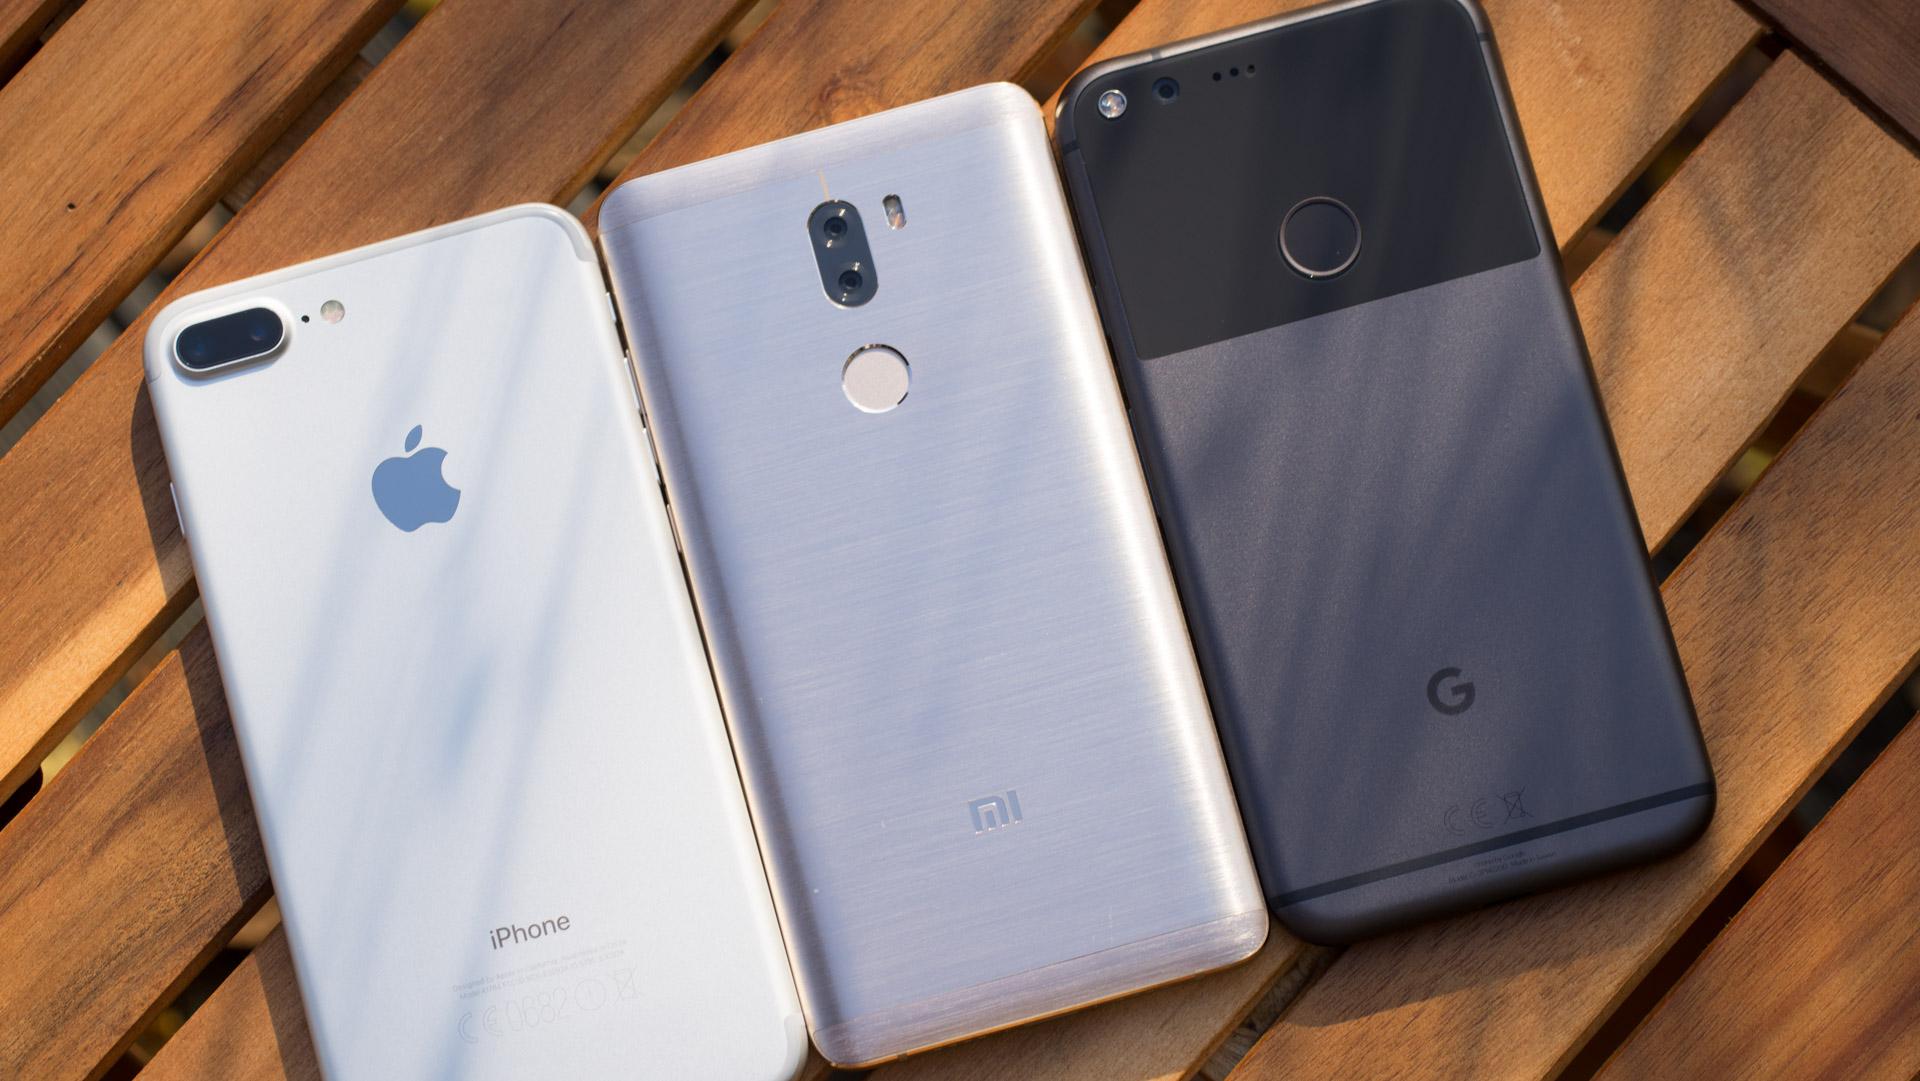 Das Xiaomi Mi5s Plus Im Test Snapdragon 821 Dual Kamera Und Bis Zu Mi 5s 4gb 64gb 22 Fr Rund 400 Bietet Dieses Eine 4 Oder 6gb Ram Den